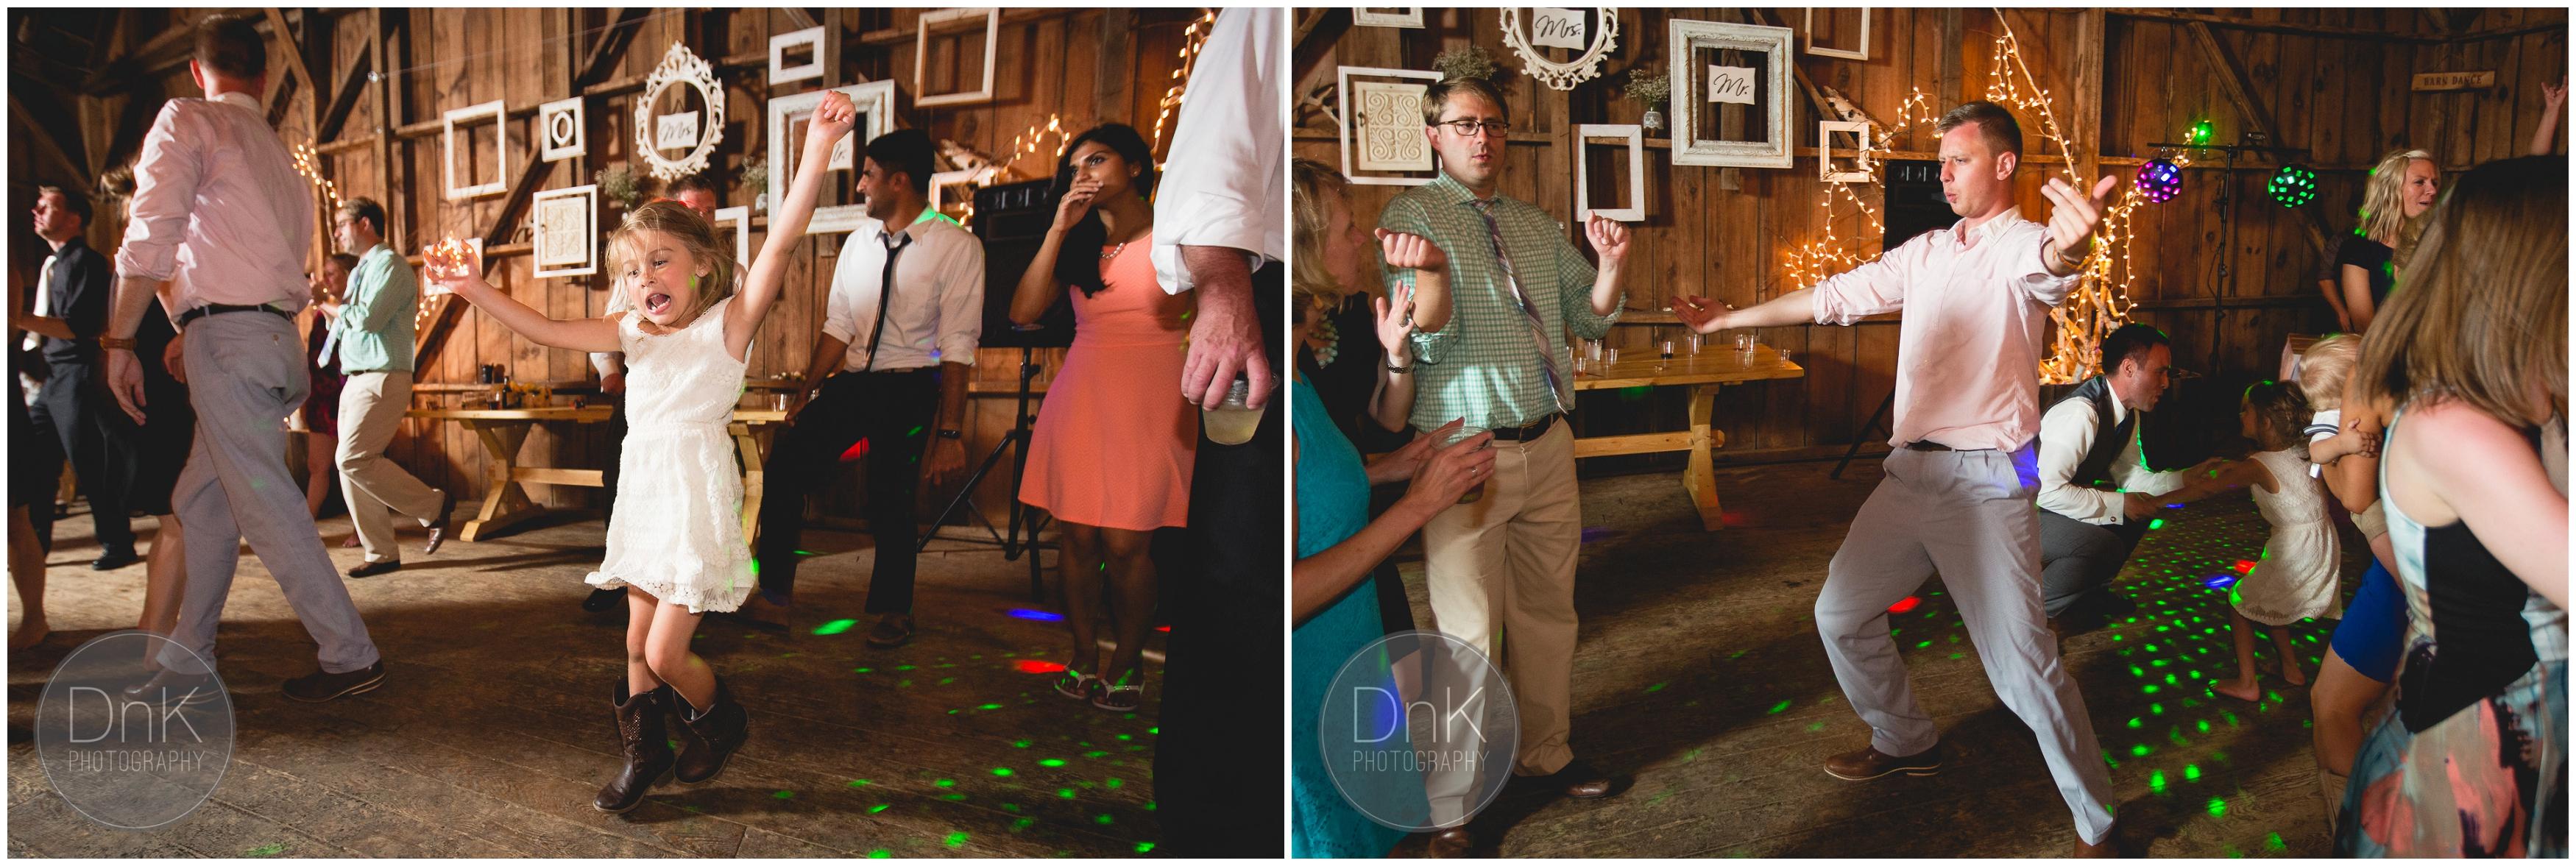 50- Dellwood Barn Wedding Dance